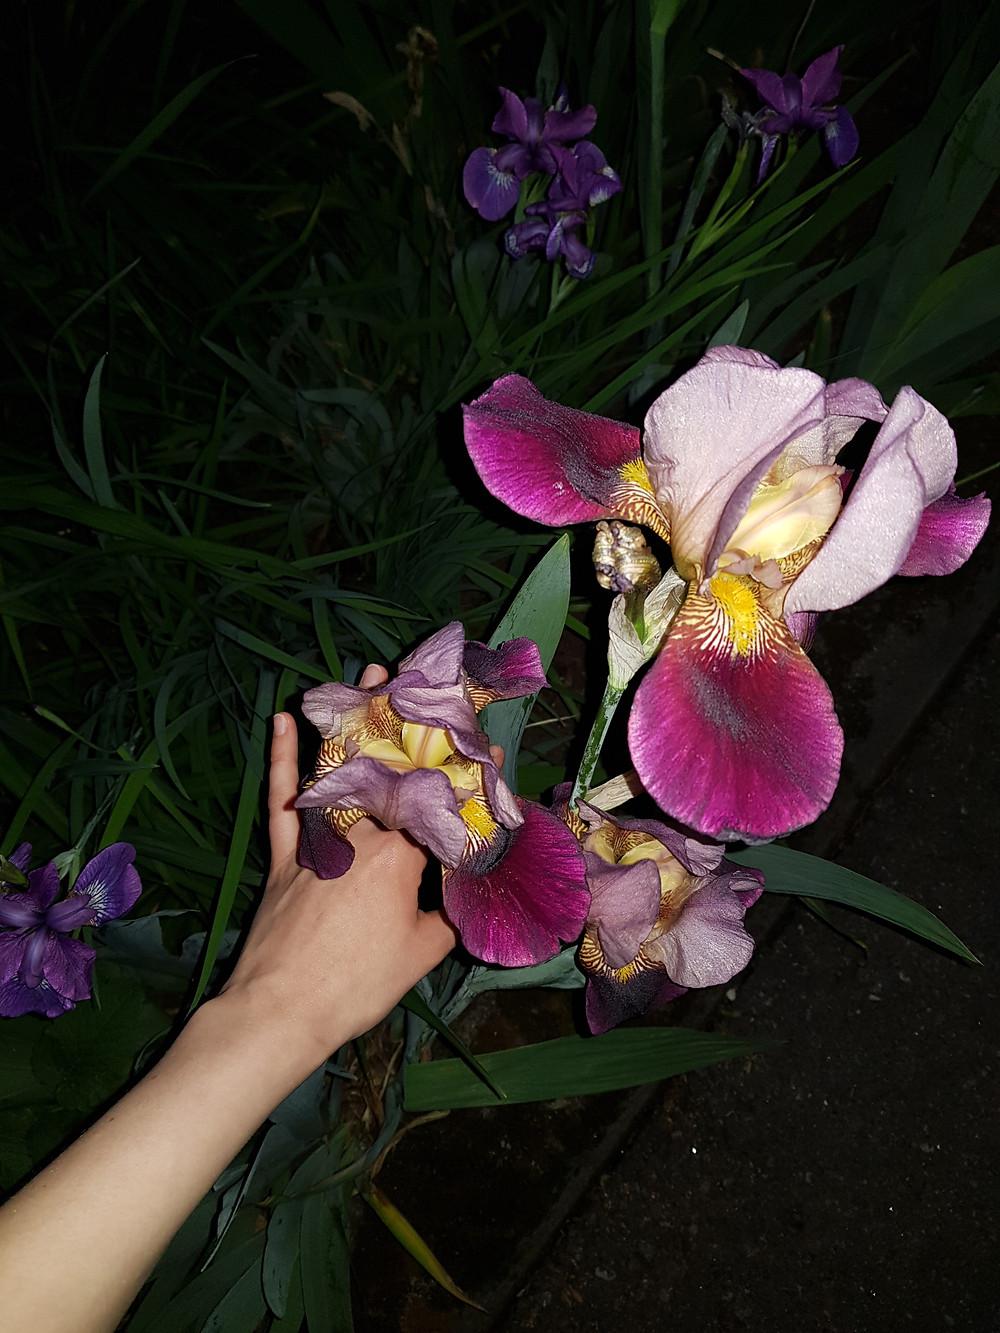 Salamalla otetussa kuvassa näkyy iso lila-keltainen kukka jota pitelen kädelläni. Kukka muistuttaa iiristä